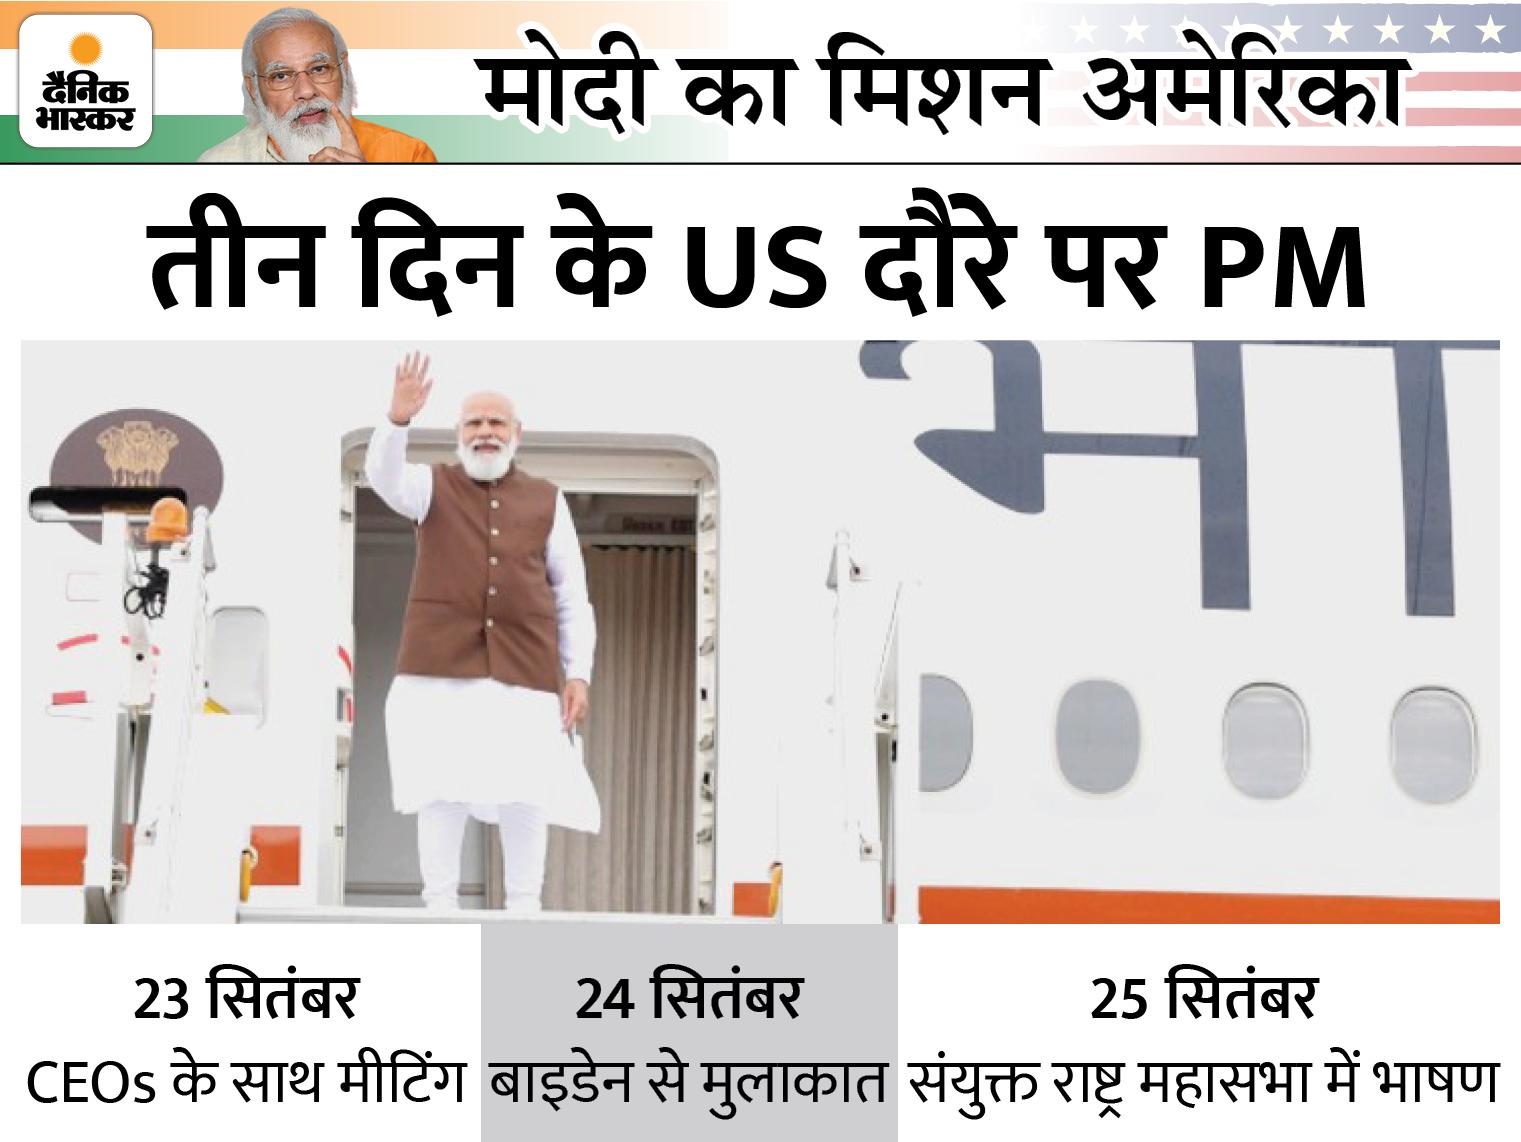 प्रधानमंत्री ने कहा- यह दौरा अमेरिका से स्ट्रैटेजिक पार्टनरशिप मजबूत करने का मौका होगा विदेश,International - Dainik Bhaskar